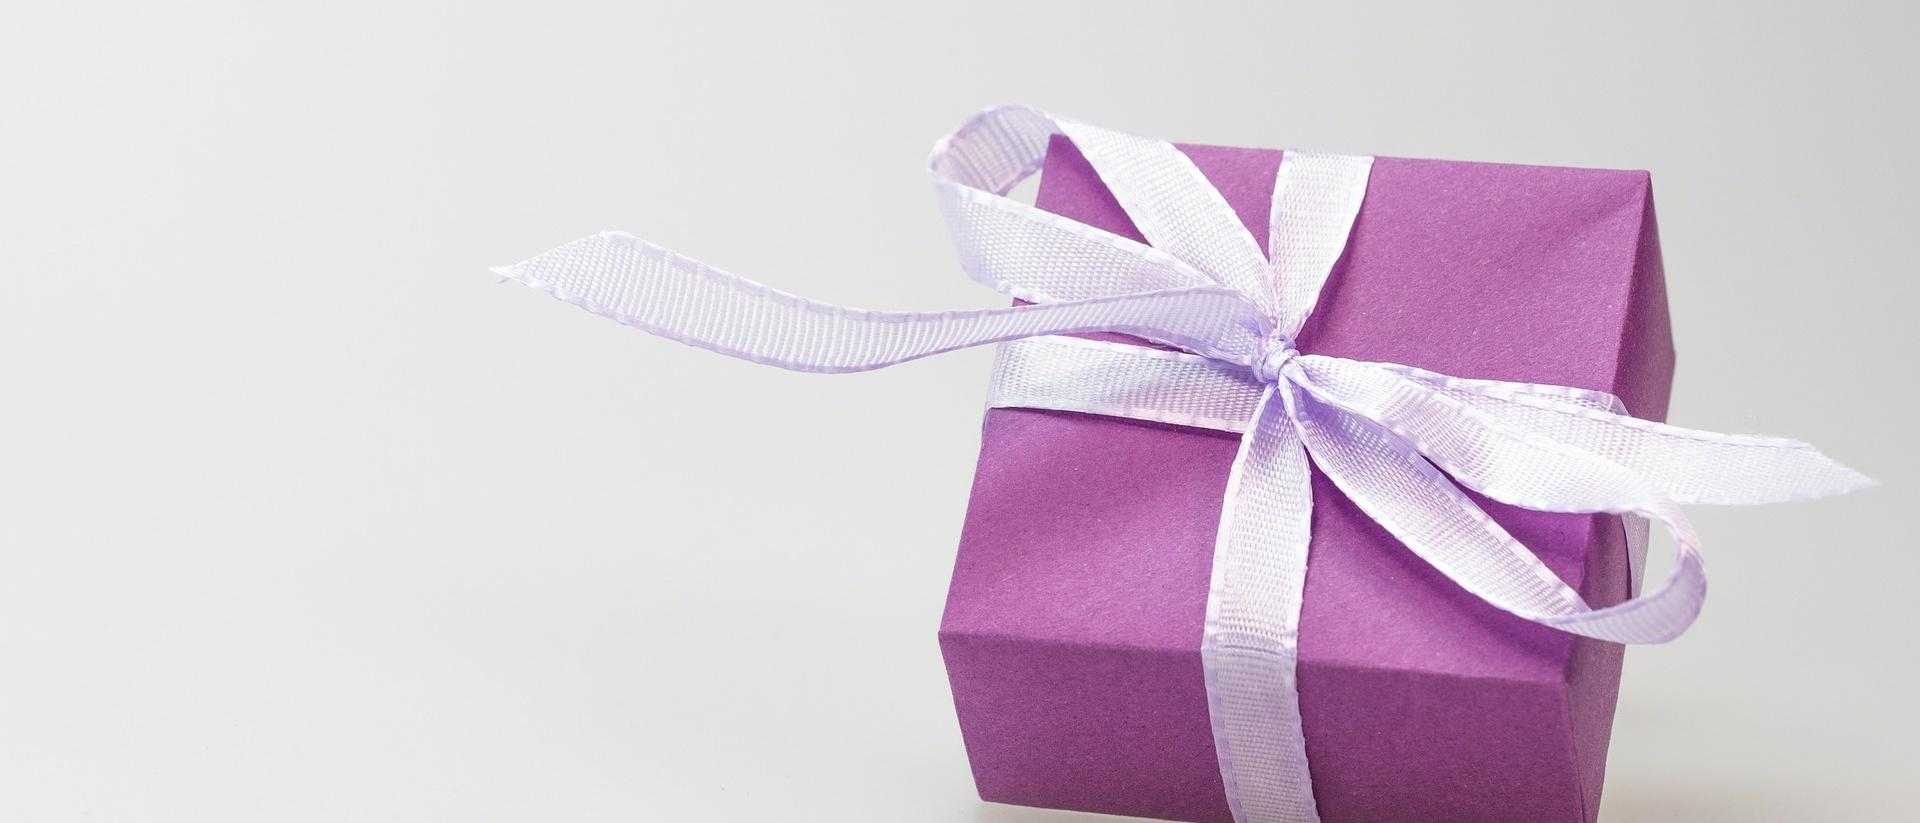 Proč dárky nejsou zbytečnost